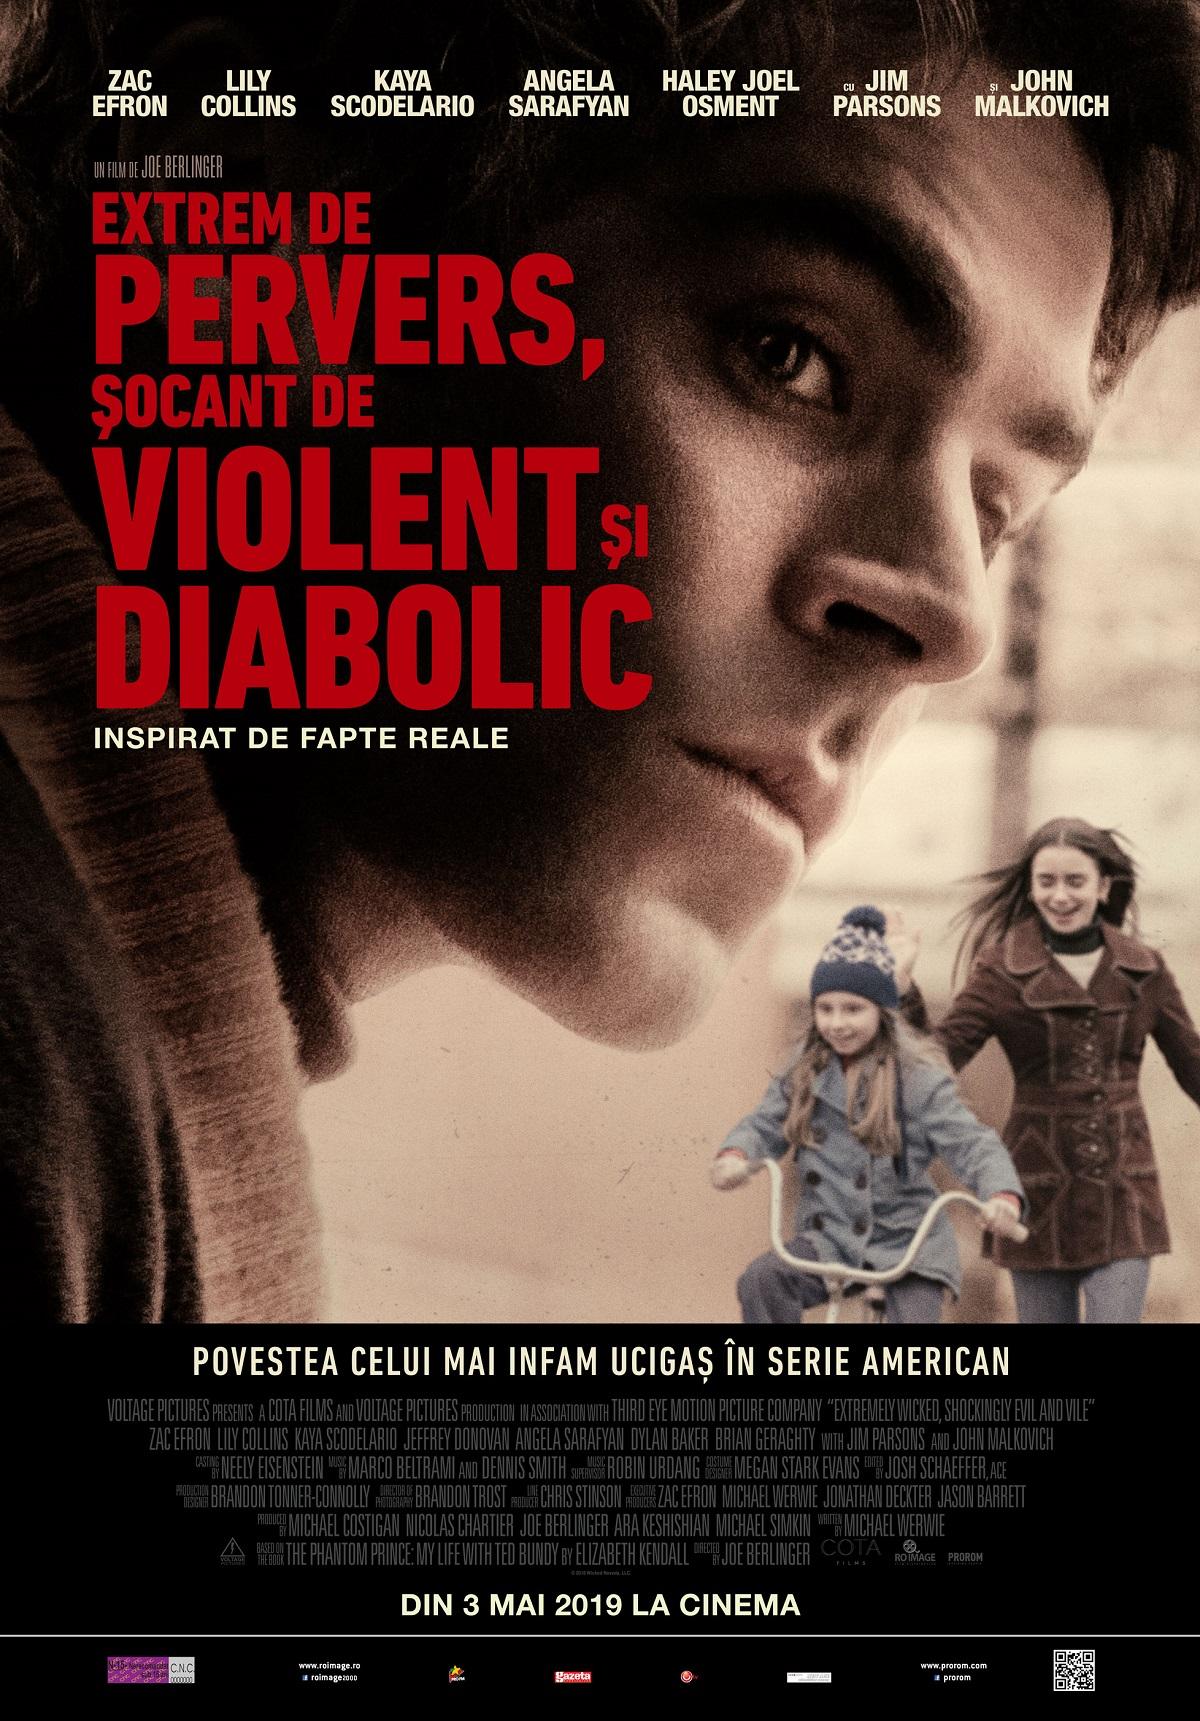 Extrem de pervers socant de violent si diabolic POSTER ROMANIA